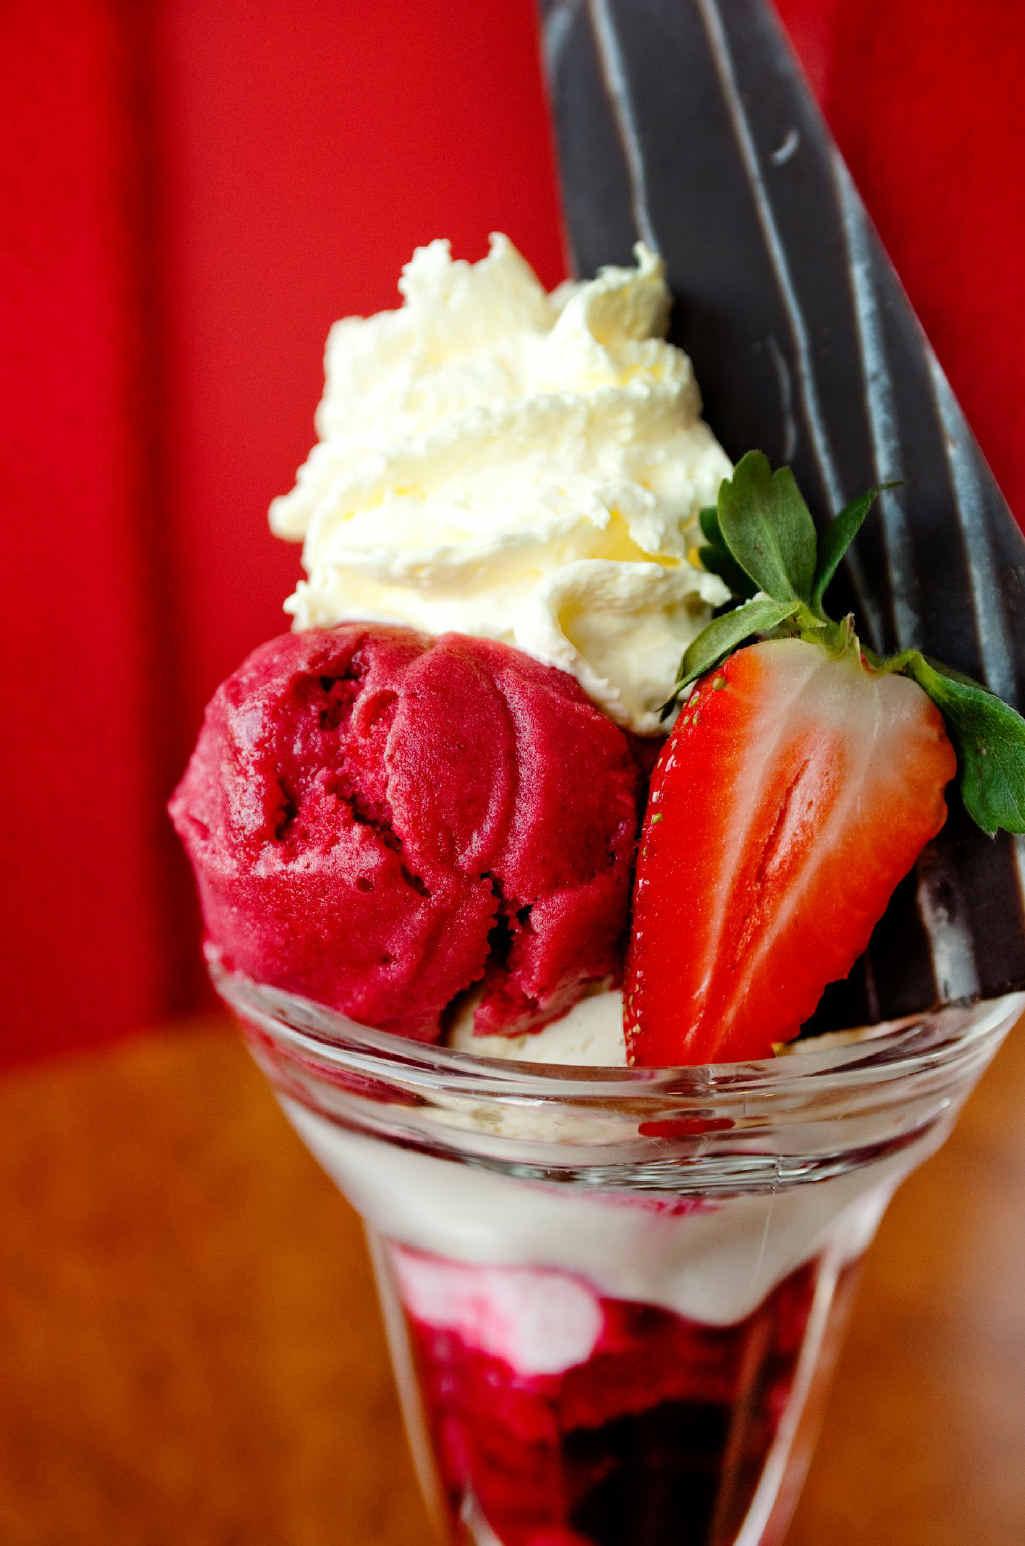 Nothing like a sinful sundae.